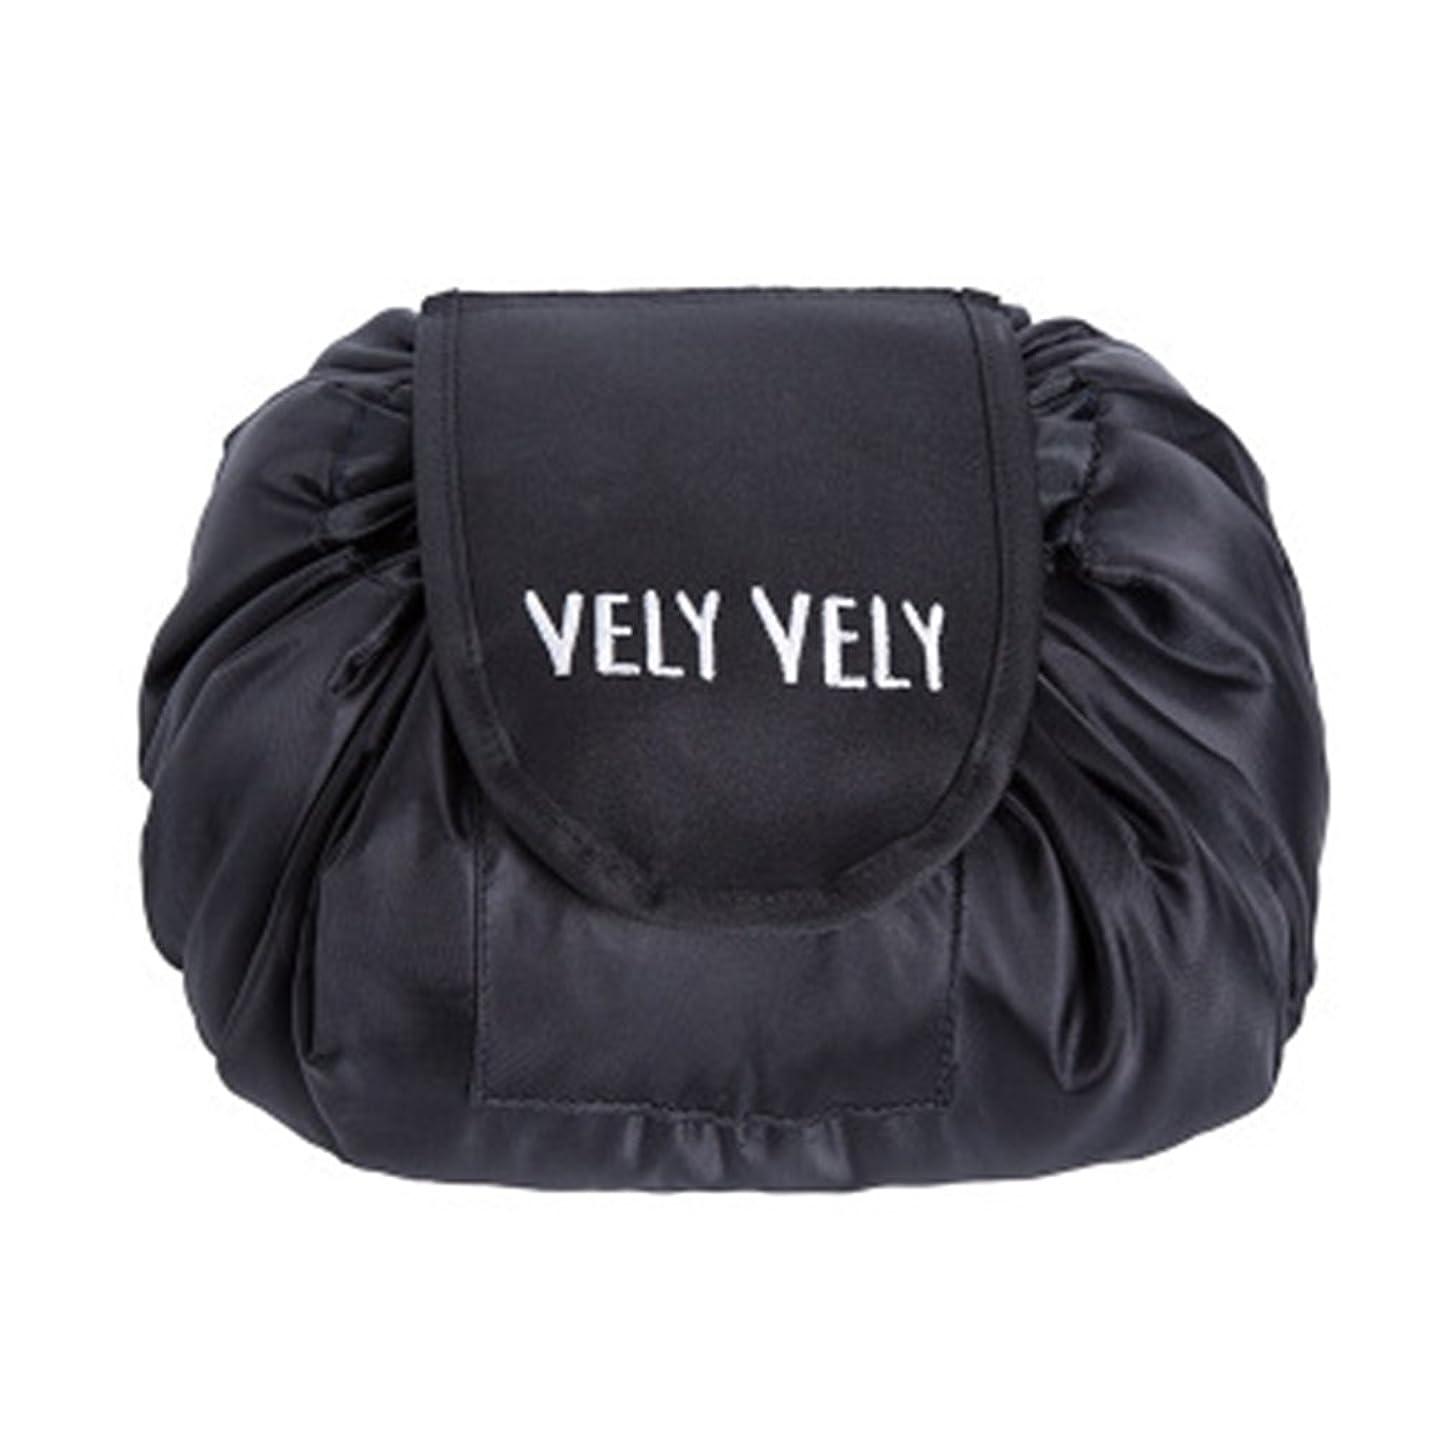 Littleliving 旅行メイクバッグ 旅行化粧バッグ メイク収納バッグ 化粧ポーチ 大容量 巾着 マジックふろしきポーチ